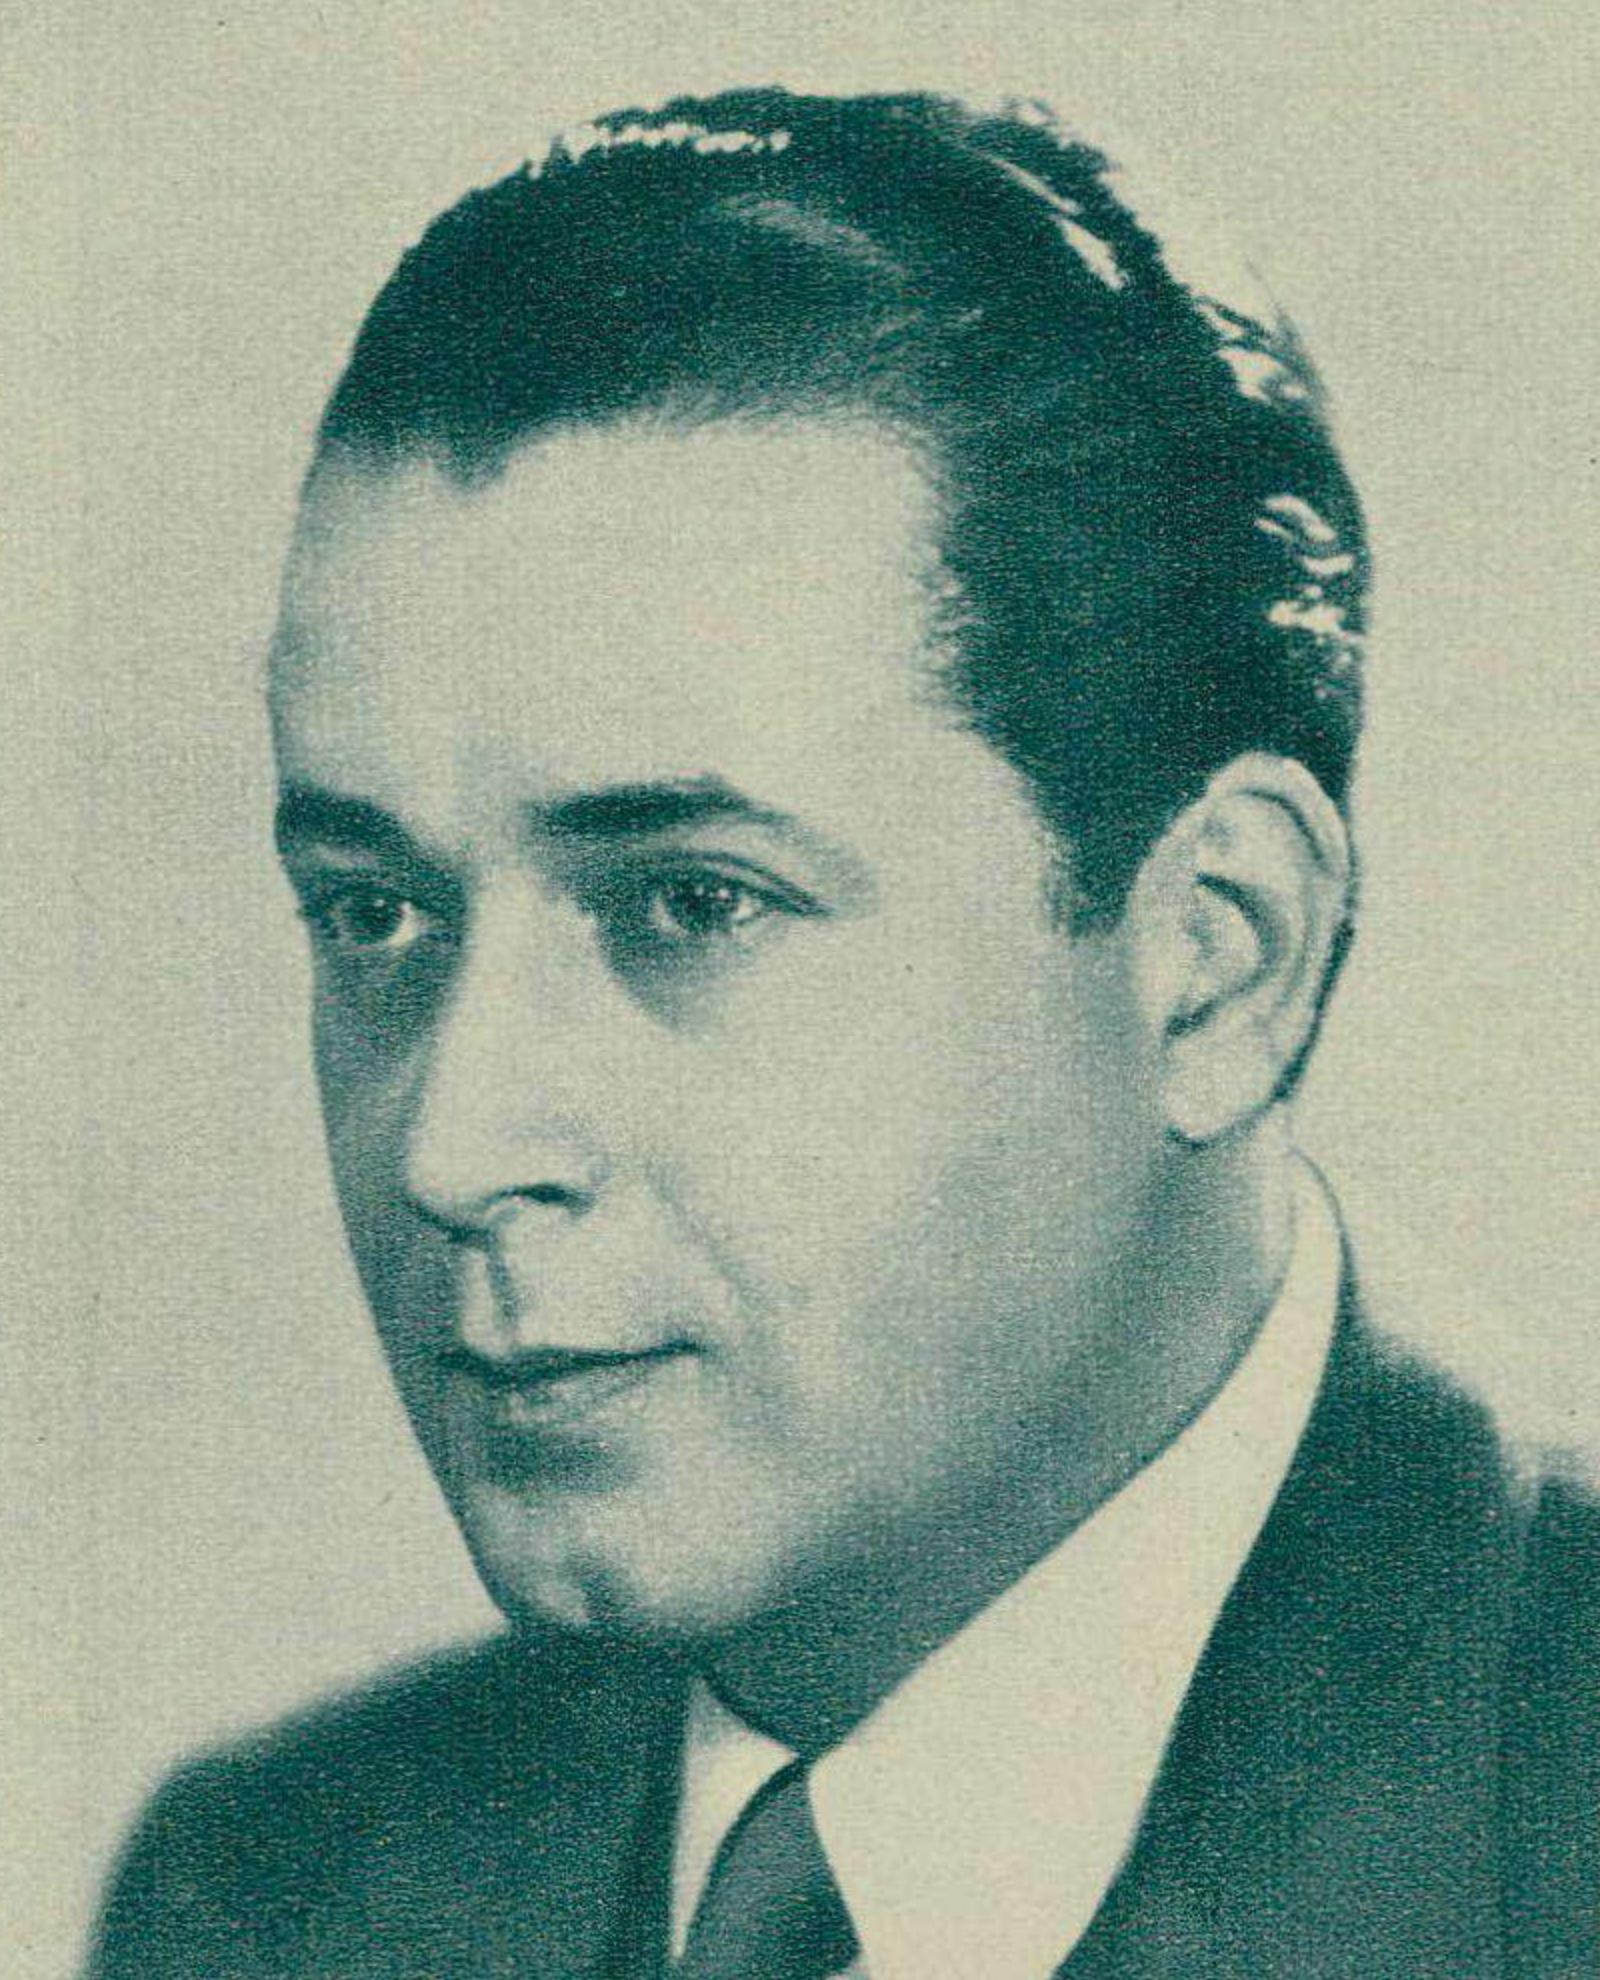 Roger Bourdin, un portrait fait par le Studio Intran de Paris, publié entre autres dans la revue Radio-Actualités du 12 octobre 1945, No 41, page 1287